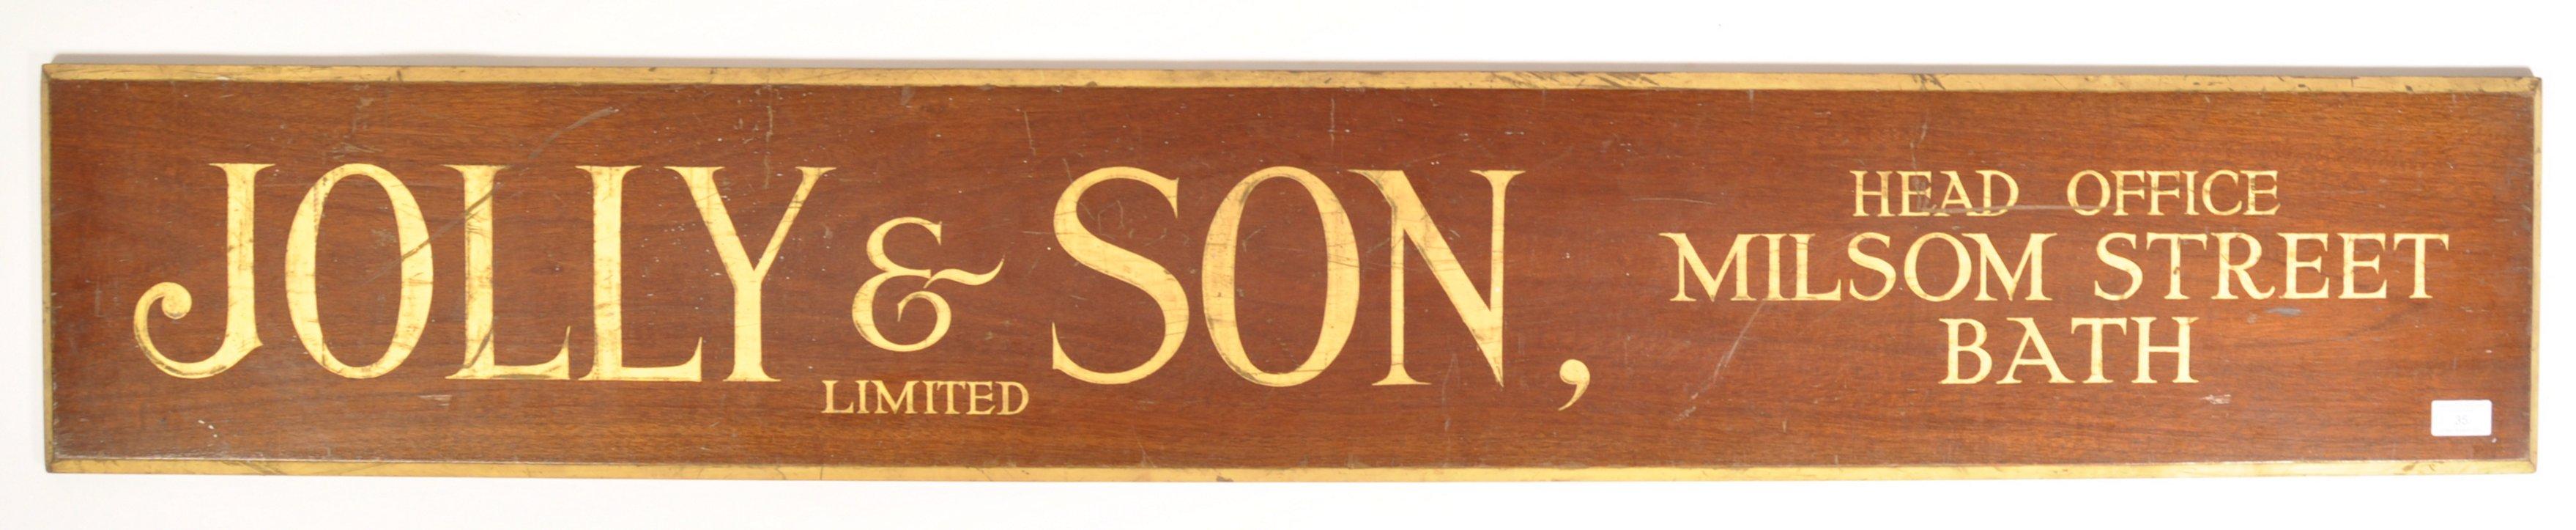 Lot 35 - JOLLY & SON LTD LATE 20TH CENTURY GILT AND MAHOGANY SIGN